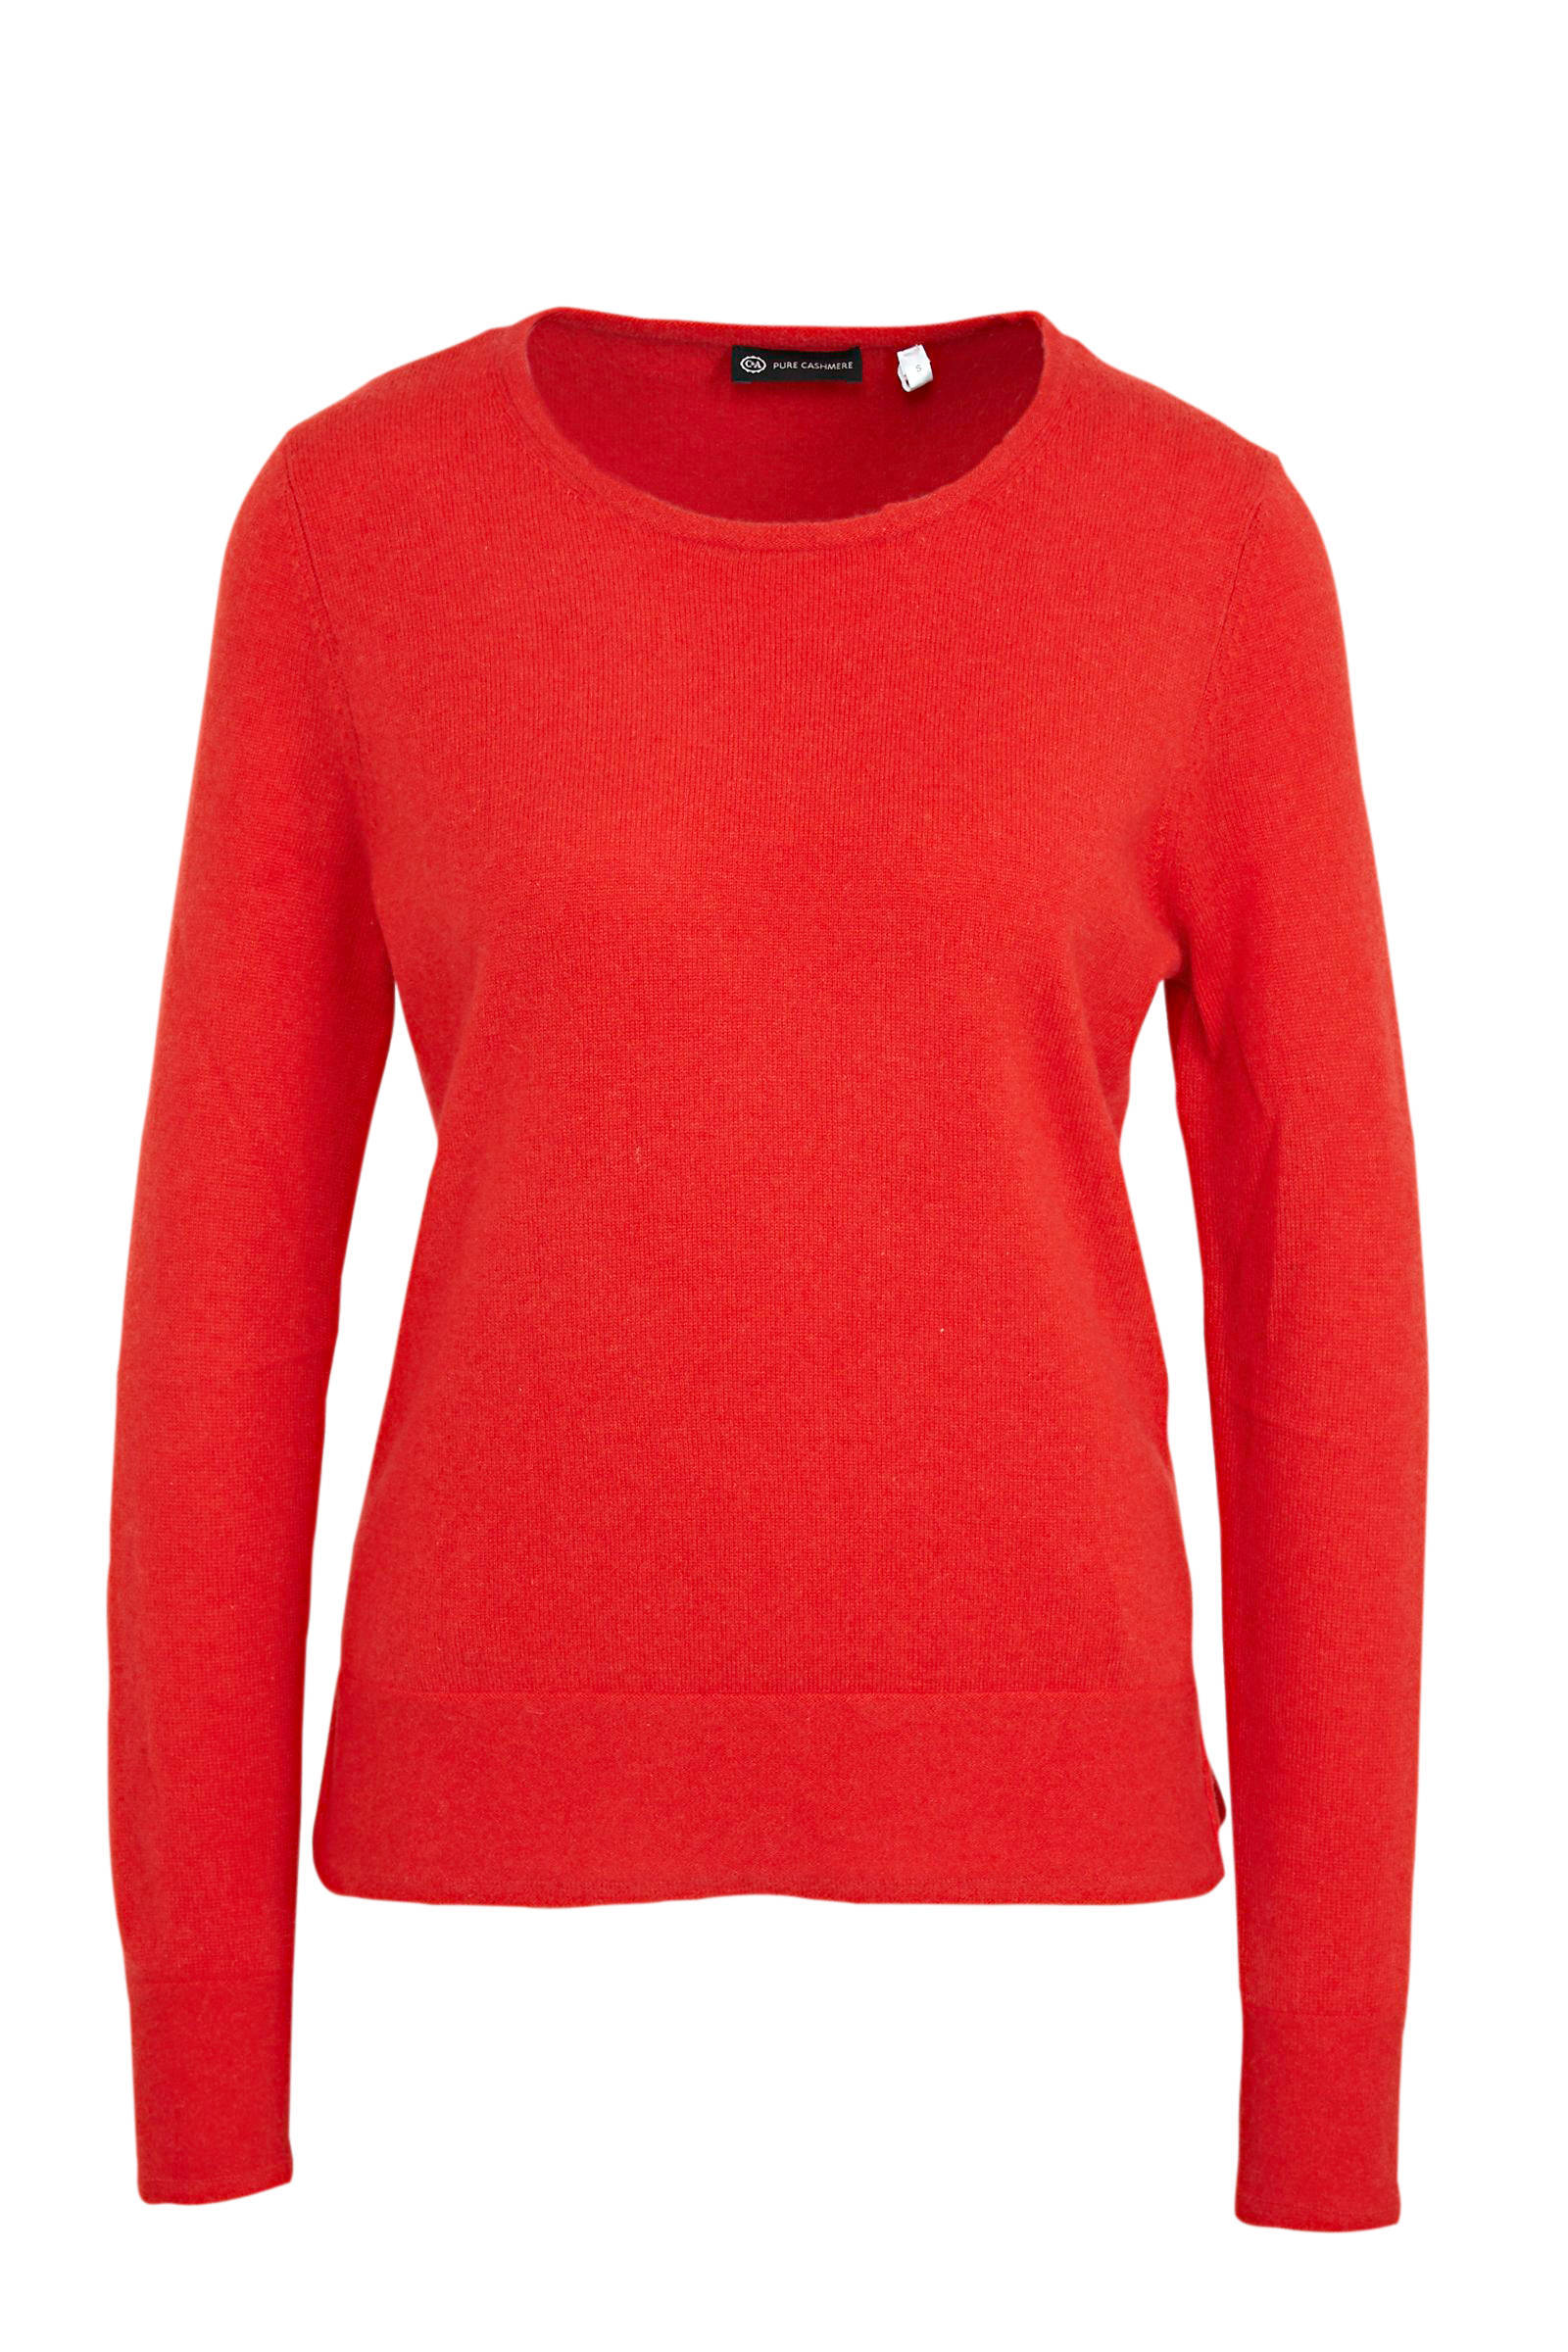 C&A Canda kasjmier fijngebreide wollen trui rood | wehkamp